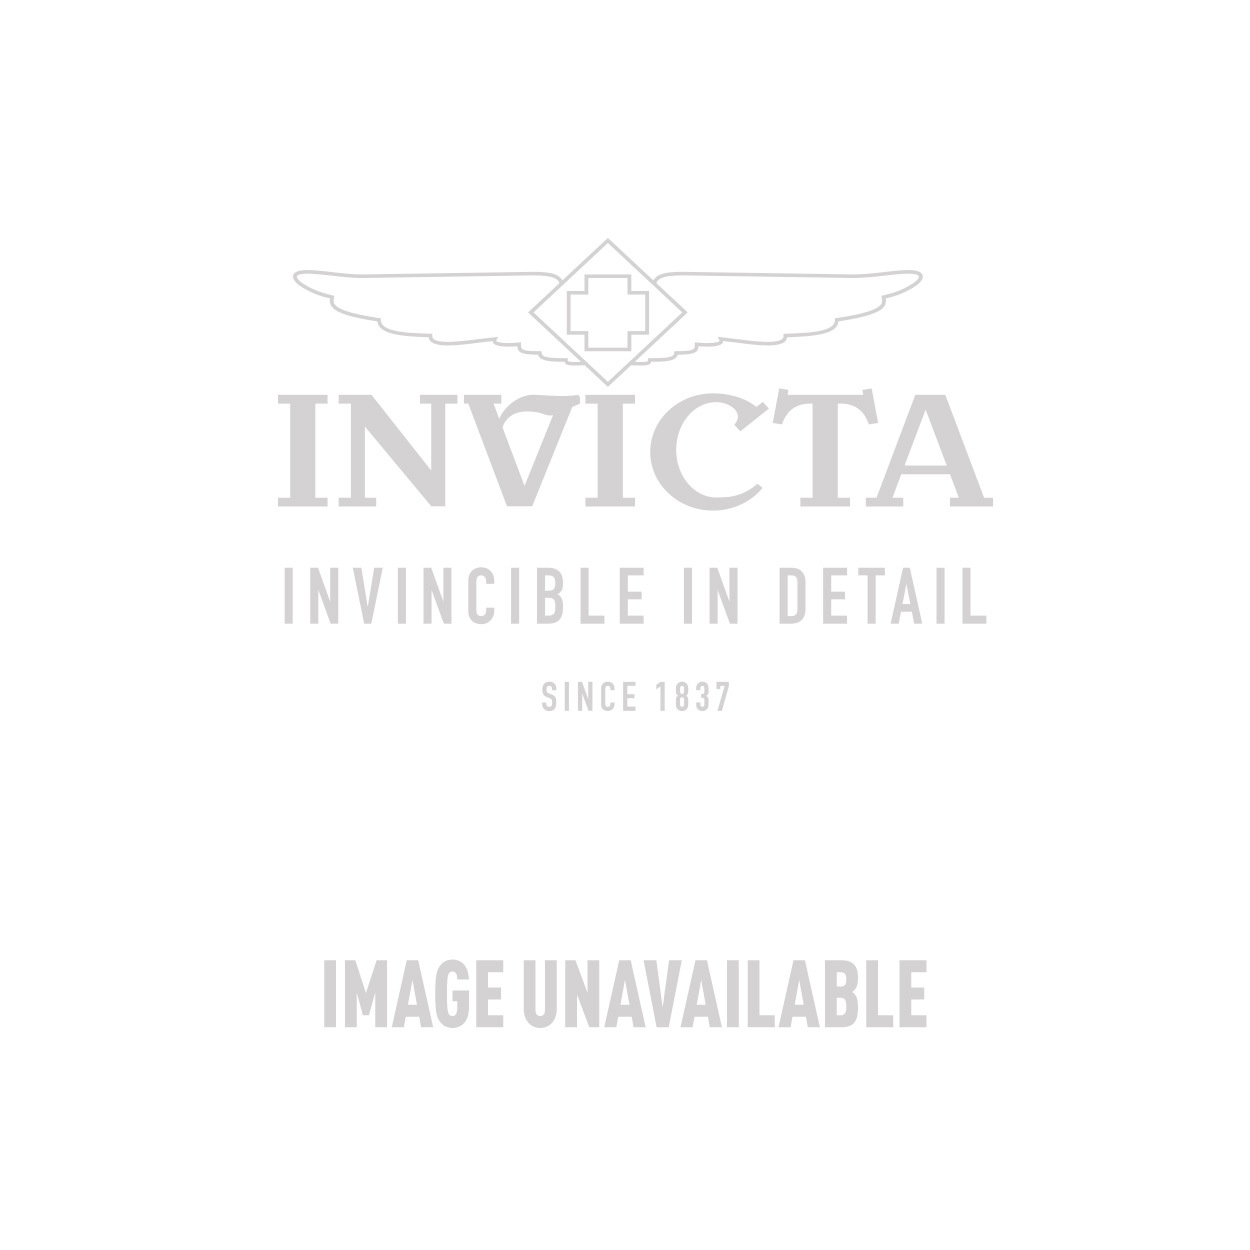 Invicta Model 23536